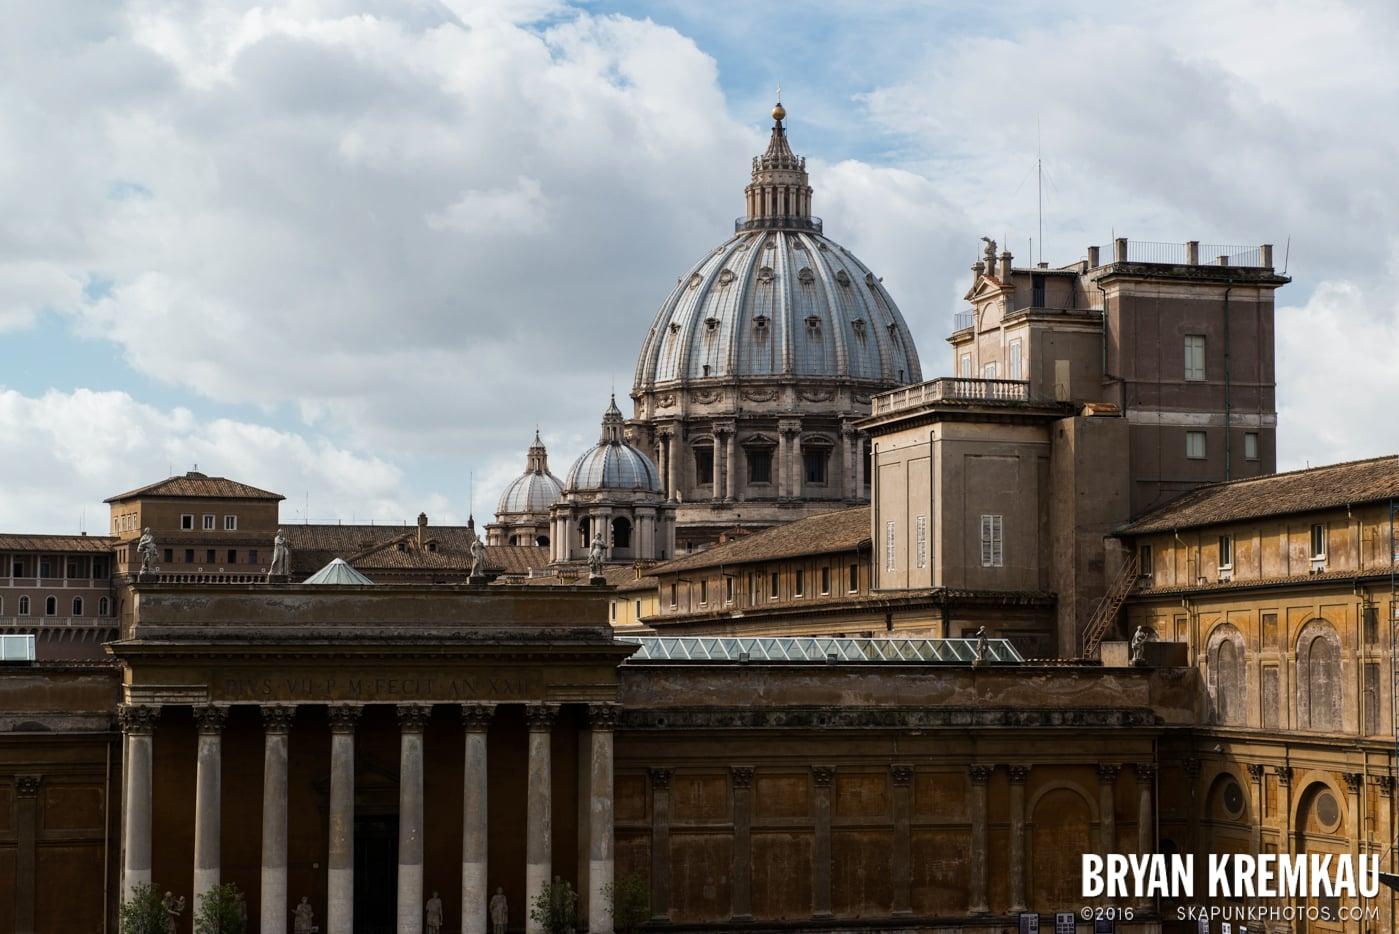 Italy Vacation - Day 3: Rome - 9.11.13 (45)